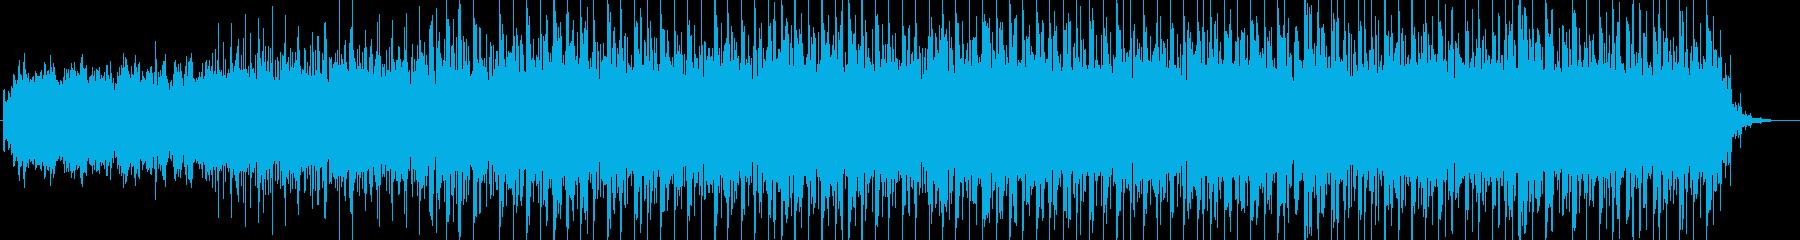 神秘的なテクノ系BGMの再生済みの波形